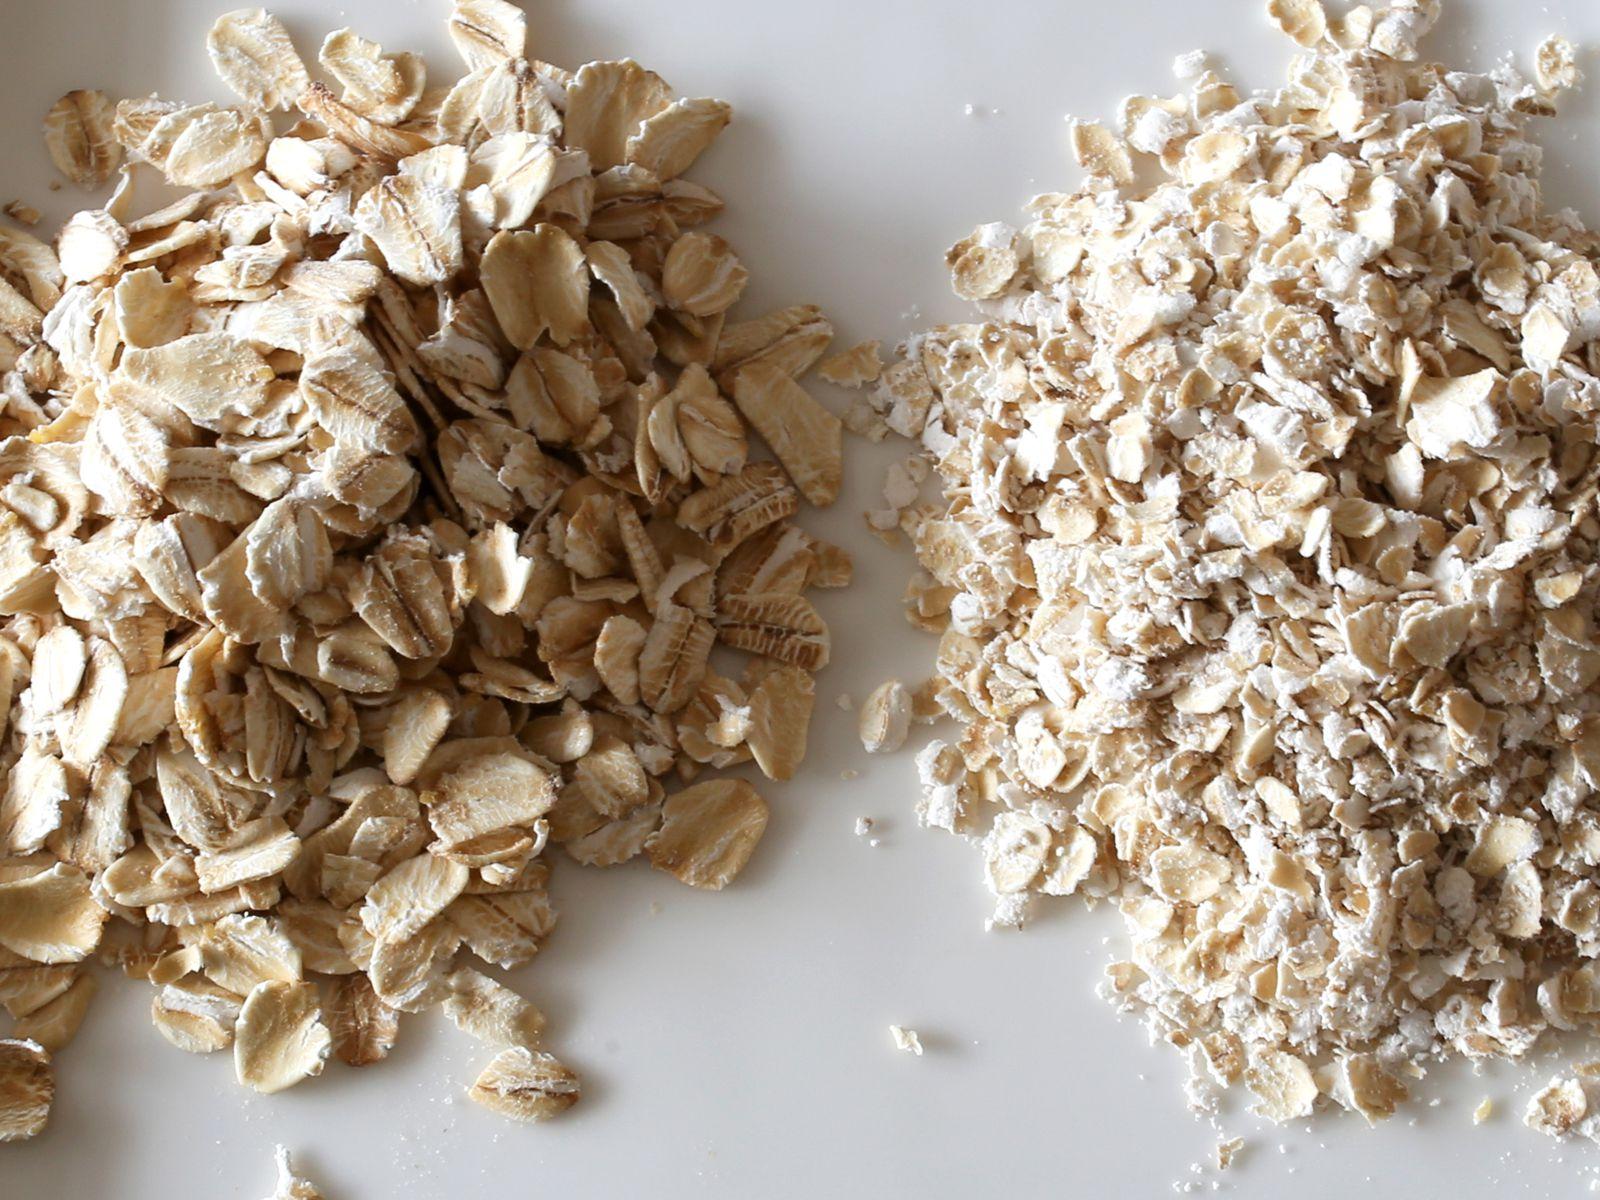 Yến mạch cán dẹt (Rolled Oats)